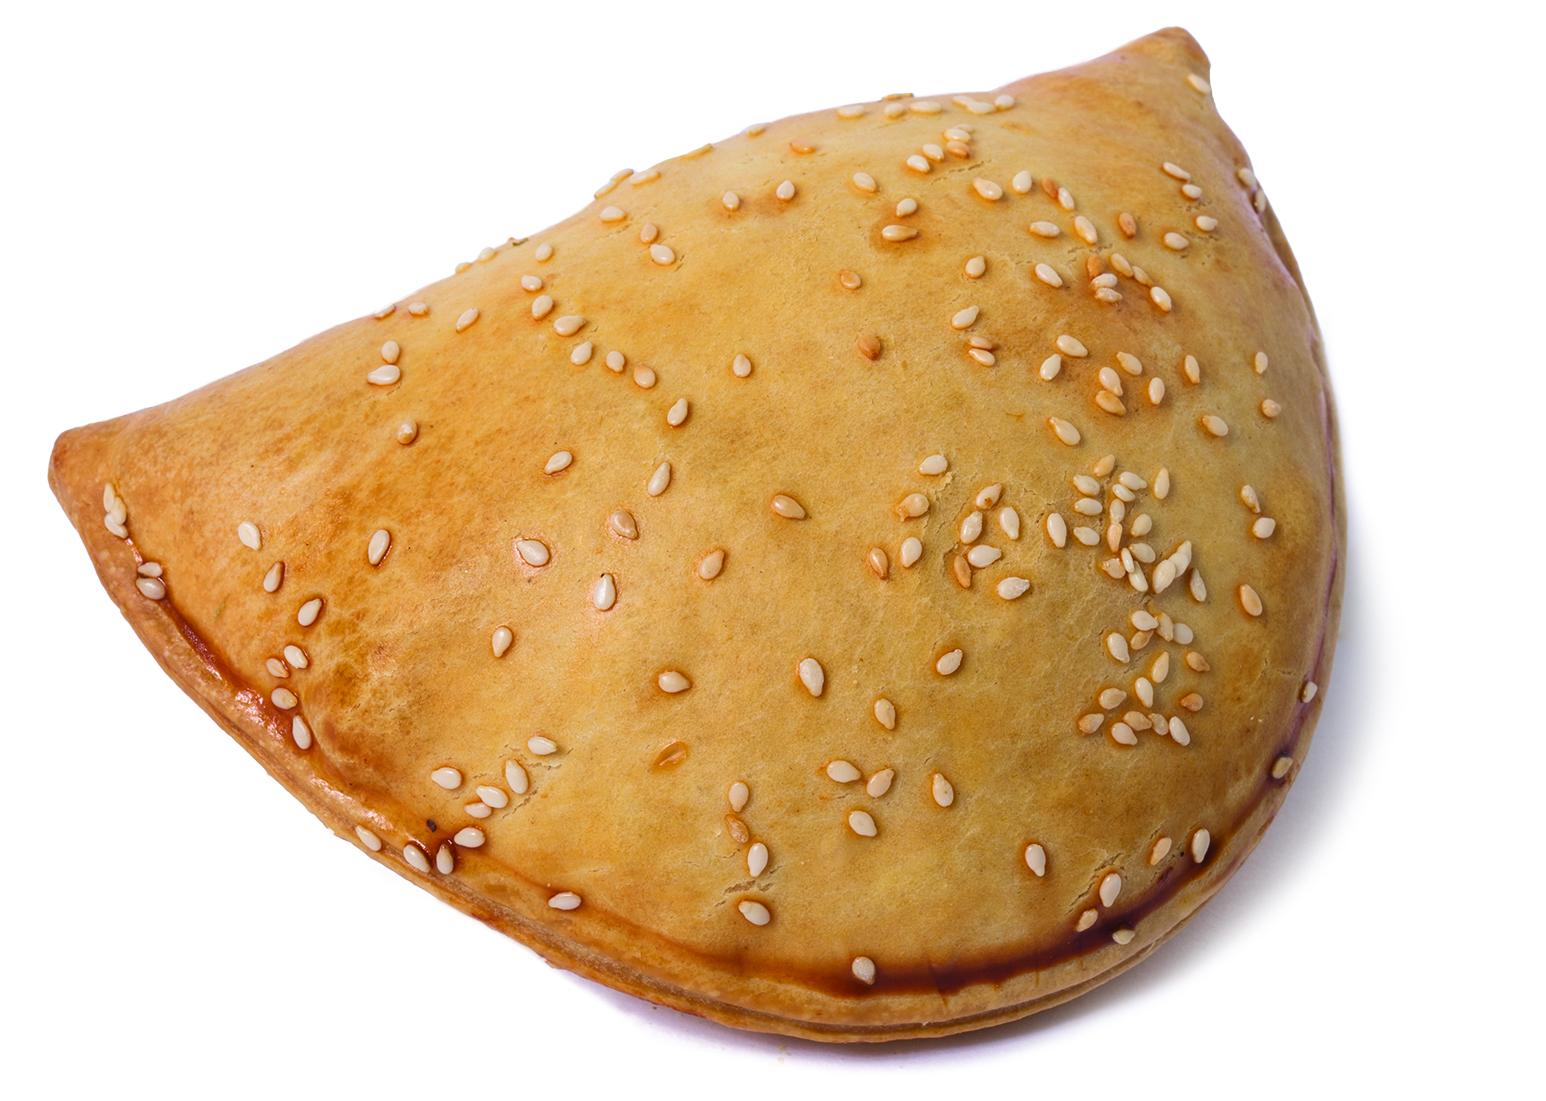 Lanche - Assados Pastel de Nata com Frango